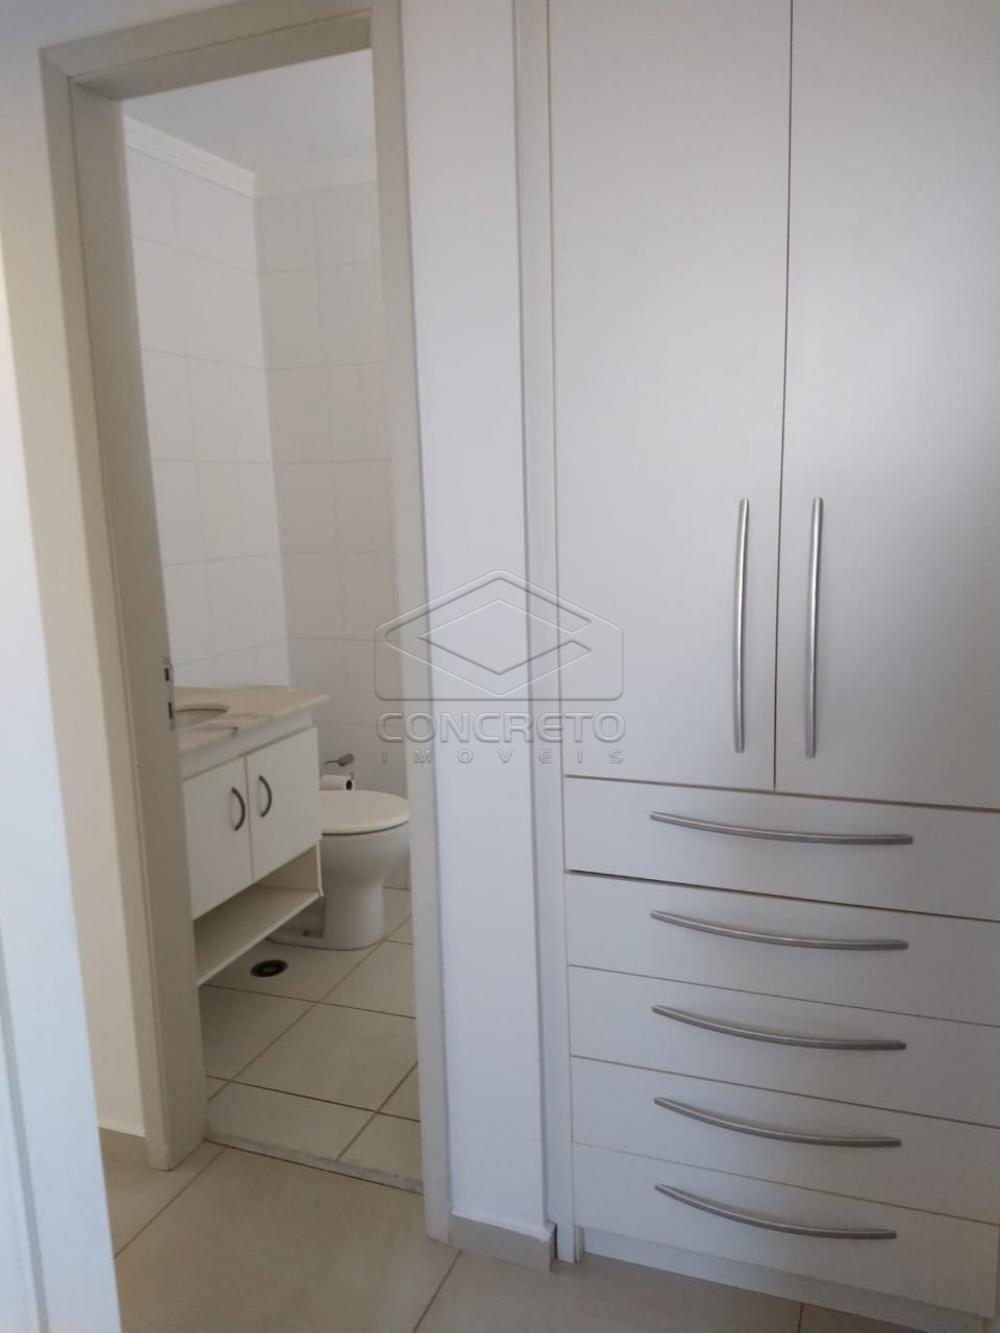 Comprar Apartamento / Padrão em Bauru R$ 340.000,00 - Foto 12